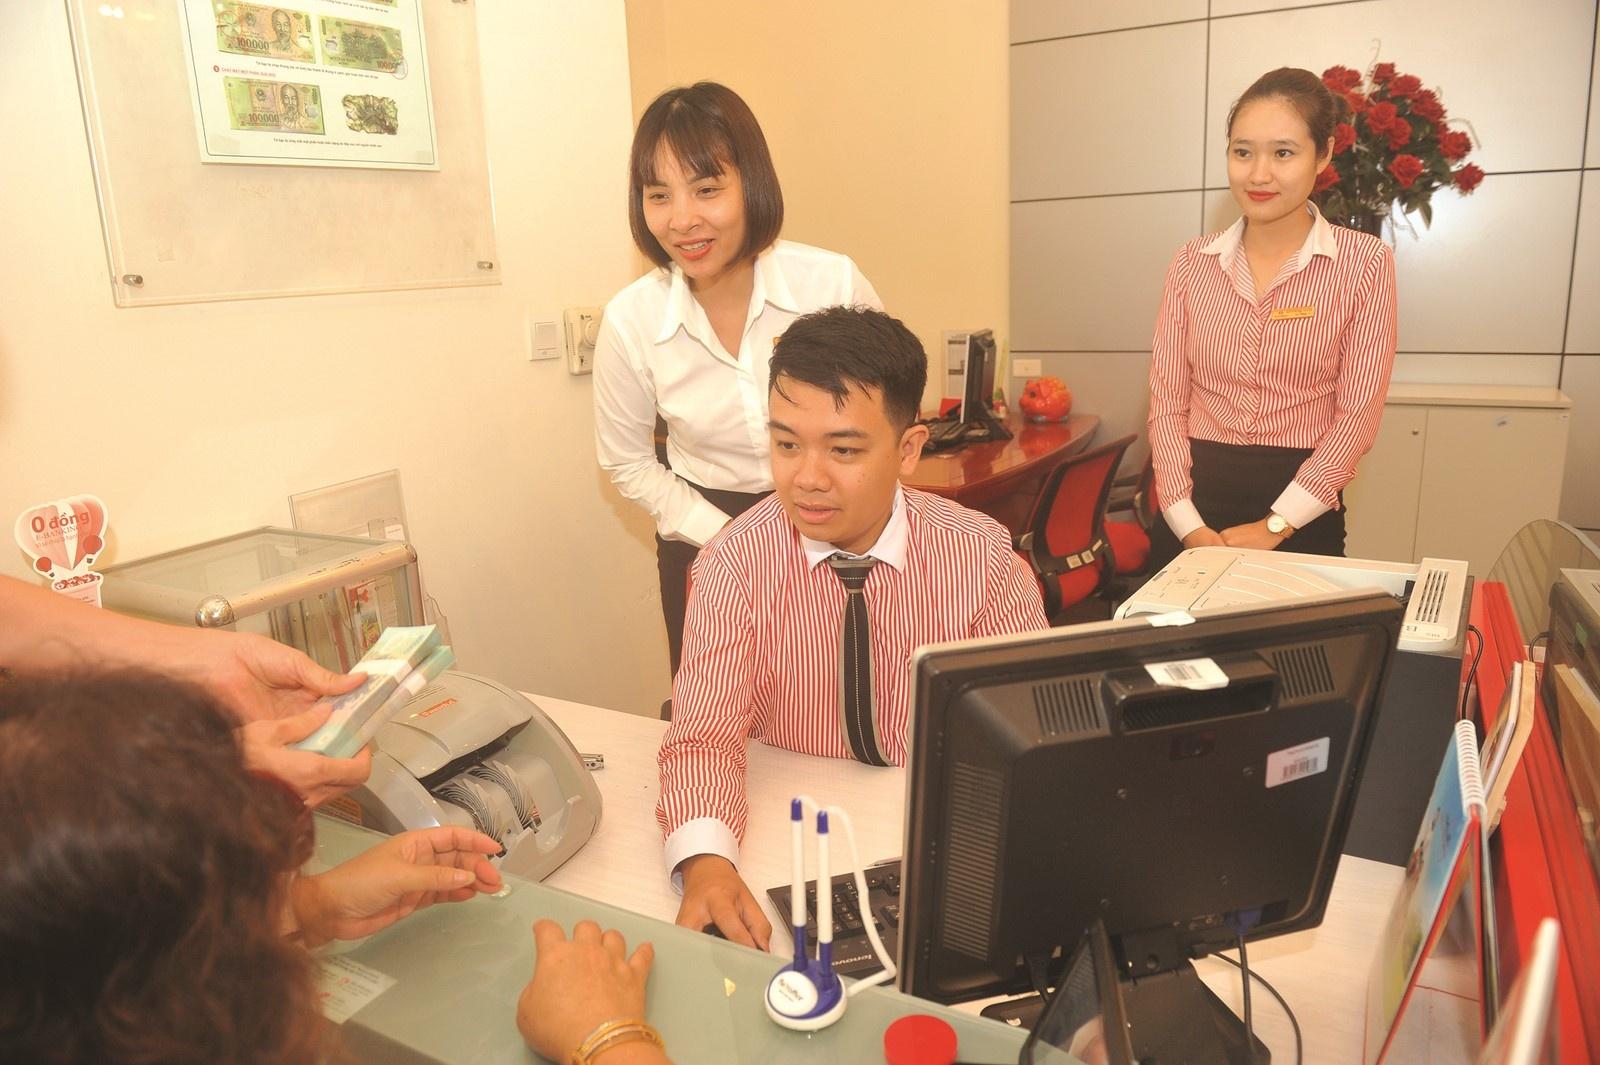 Nhân sự ngân hàng: Đào tạo lại hay tuyển mới?